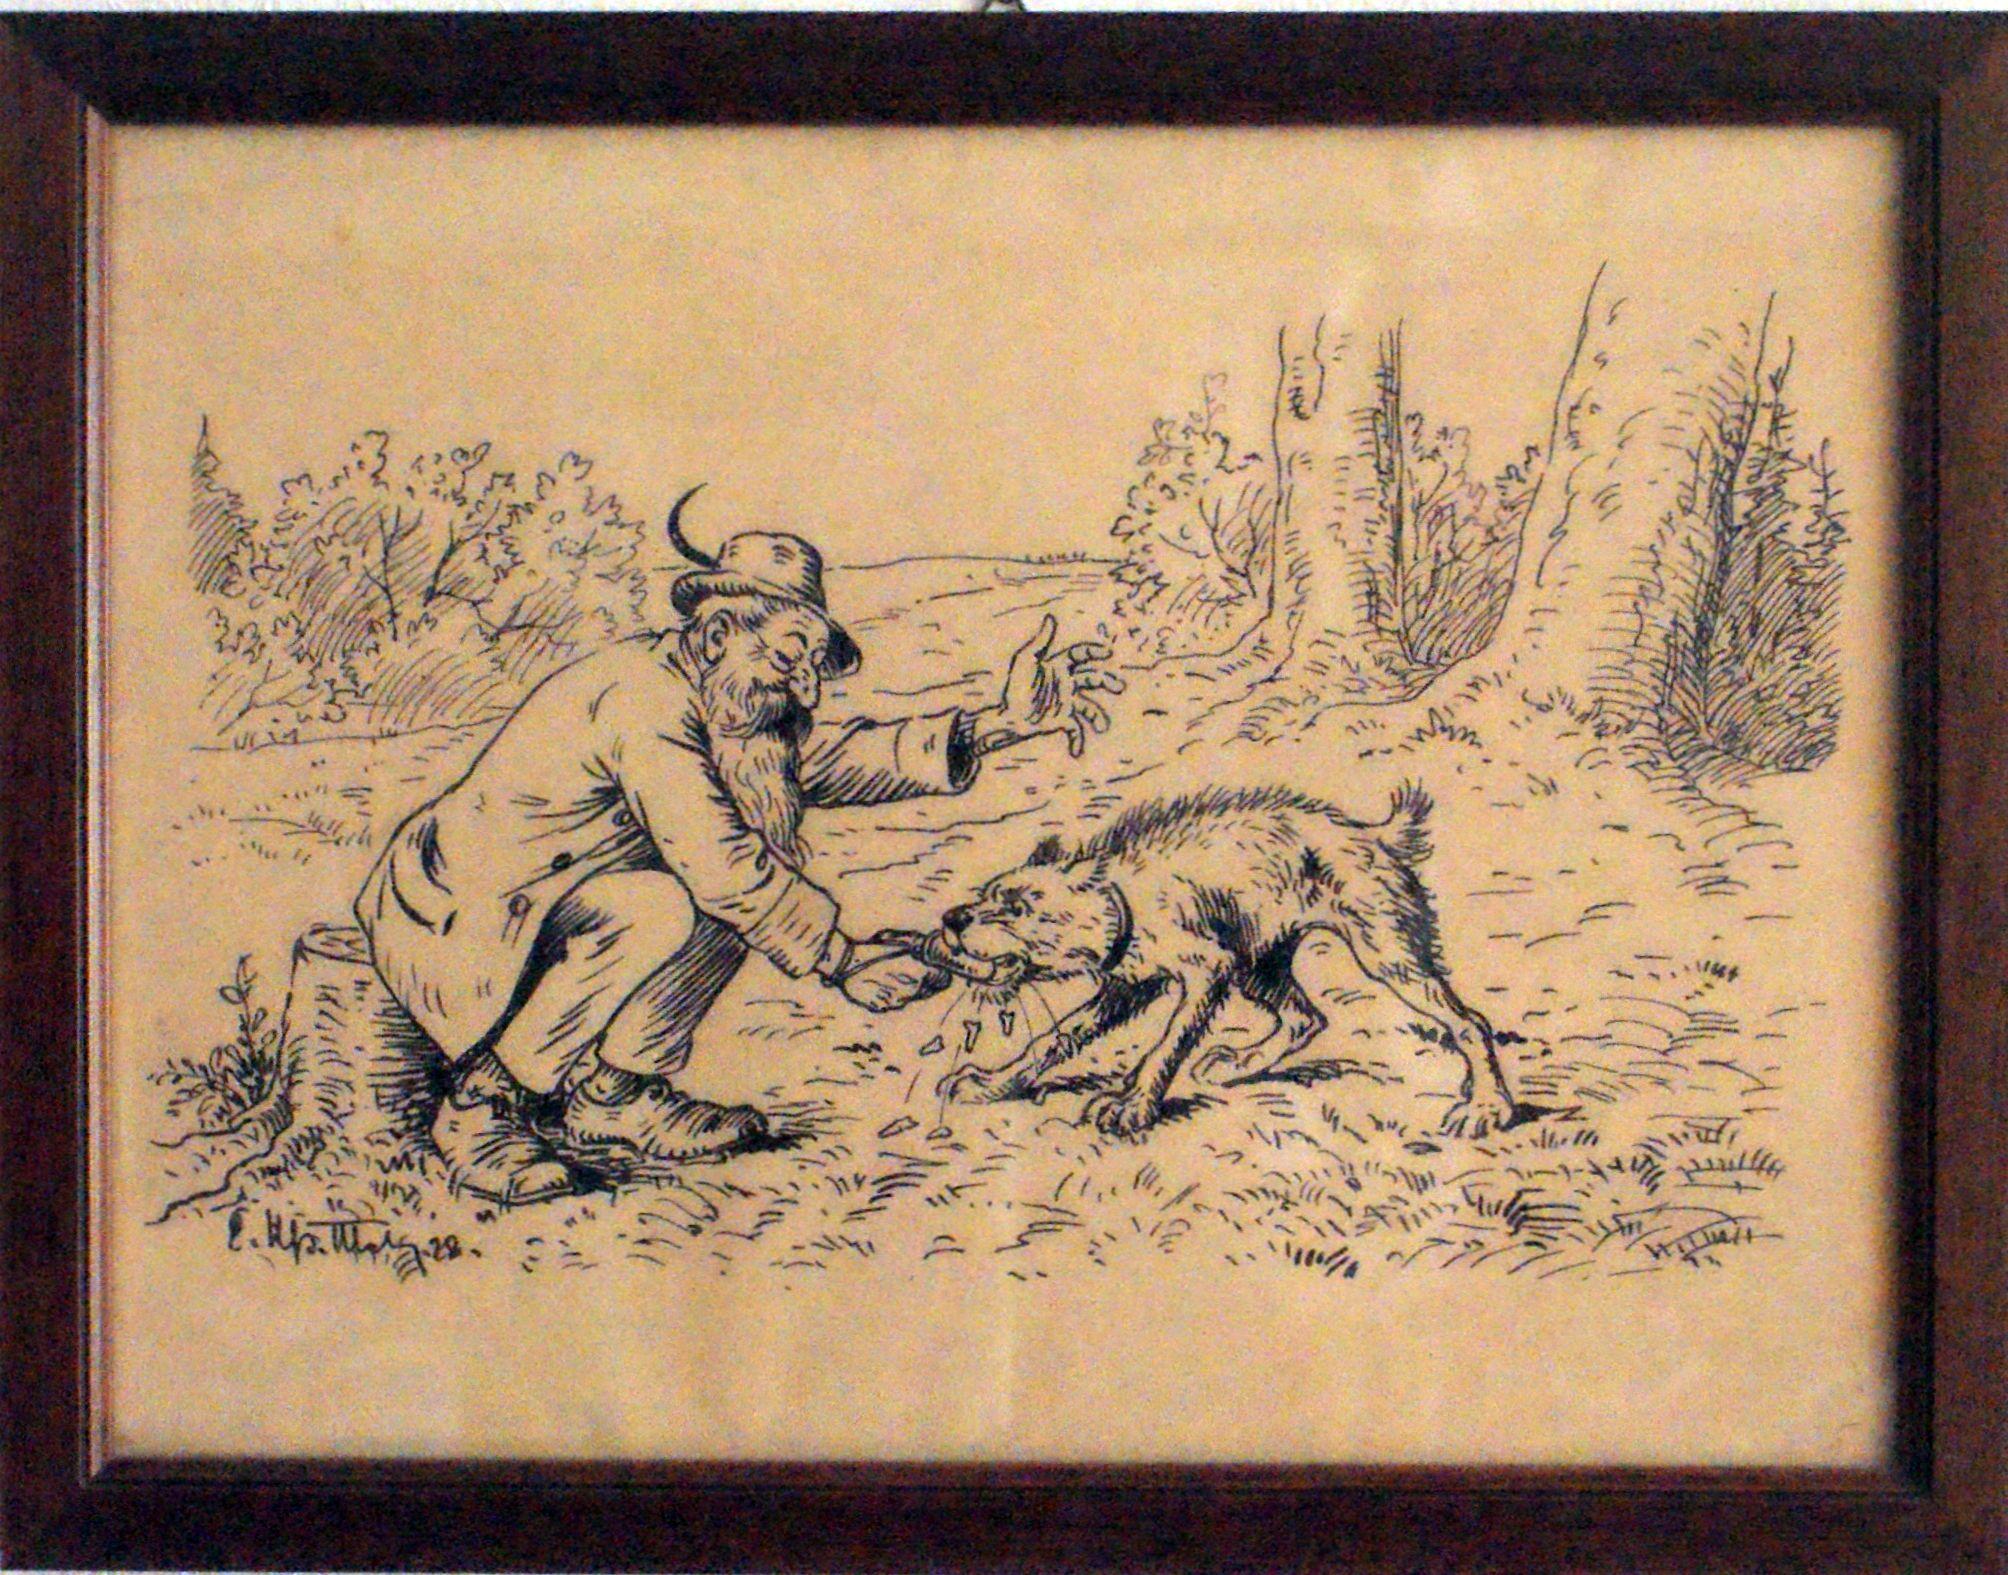 Bild: Ein wilder Hund beisst sich am Fingerling die Zähne aus